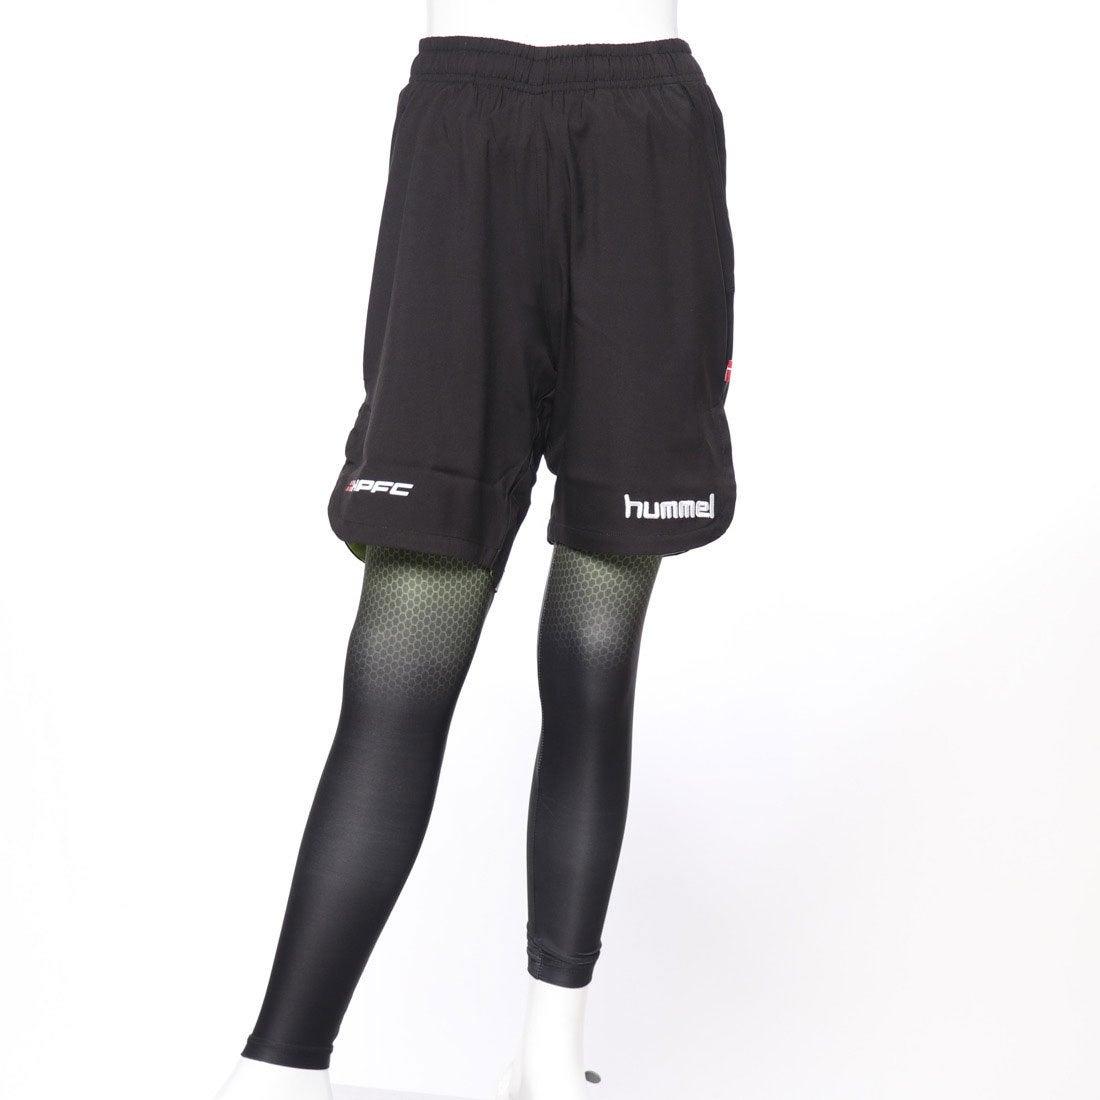 ロコンド 靴とファッションの通販サイトヒュンメル hummel ジュニア サッカー/フットサル レイヤードパンツ ジュニアプラパンツ・インナーセット HJP2109